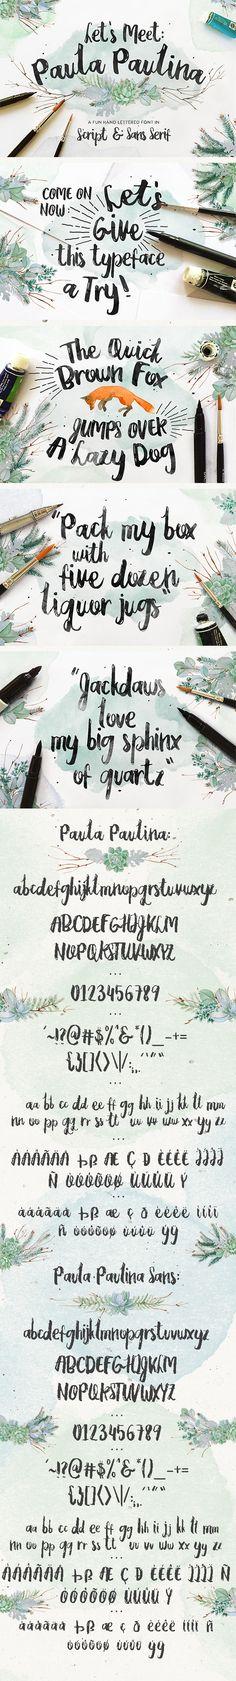 Paula Paulina Download here: https://graphicriver.net/item/paula-paulina/19442473?ref=KlitVogli